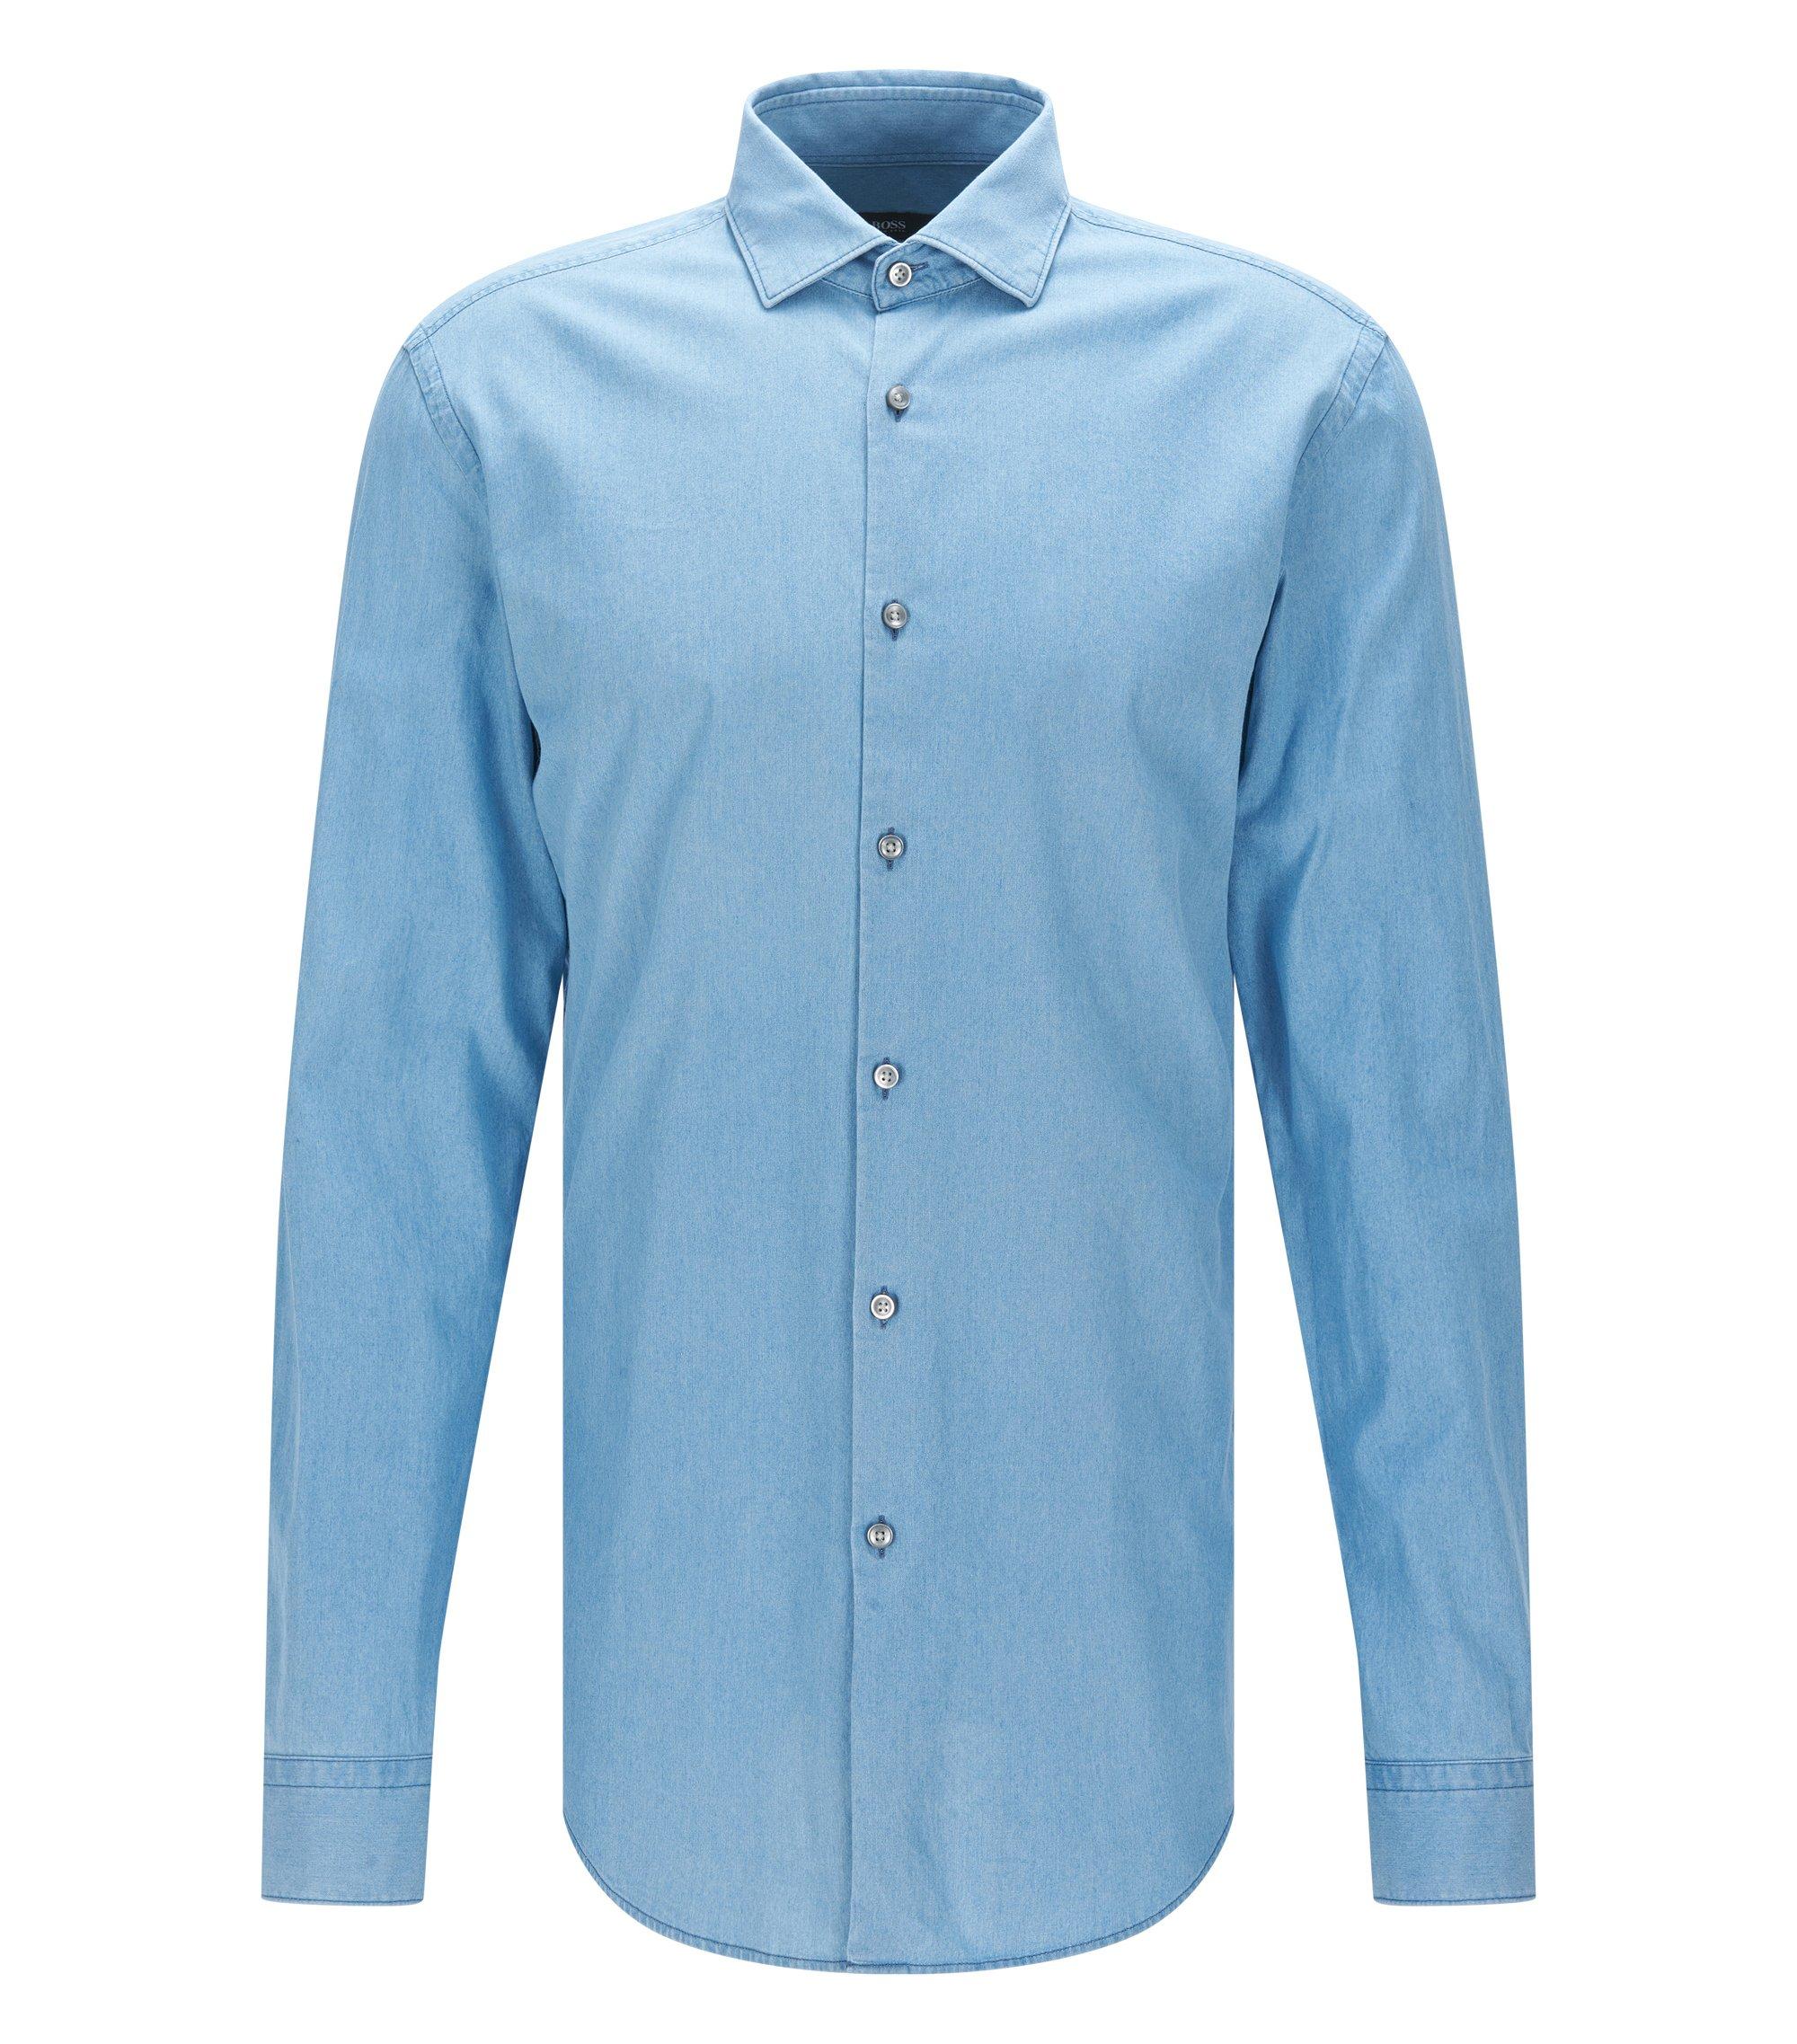 Regular-Fit Hemd aus weichem italienischem Denim, Dunkelblau